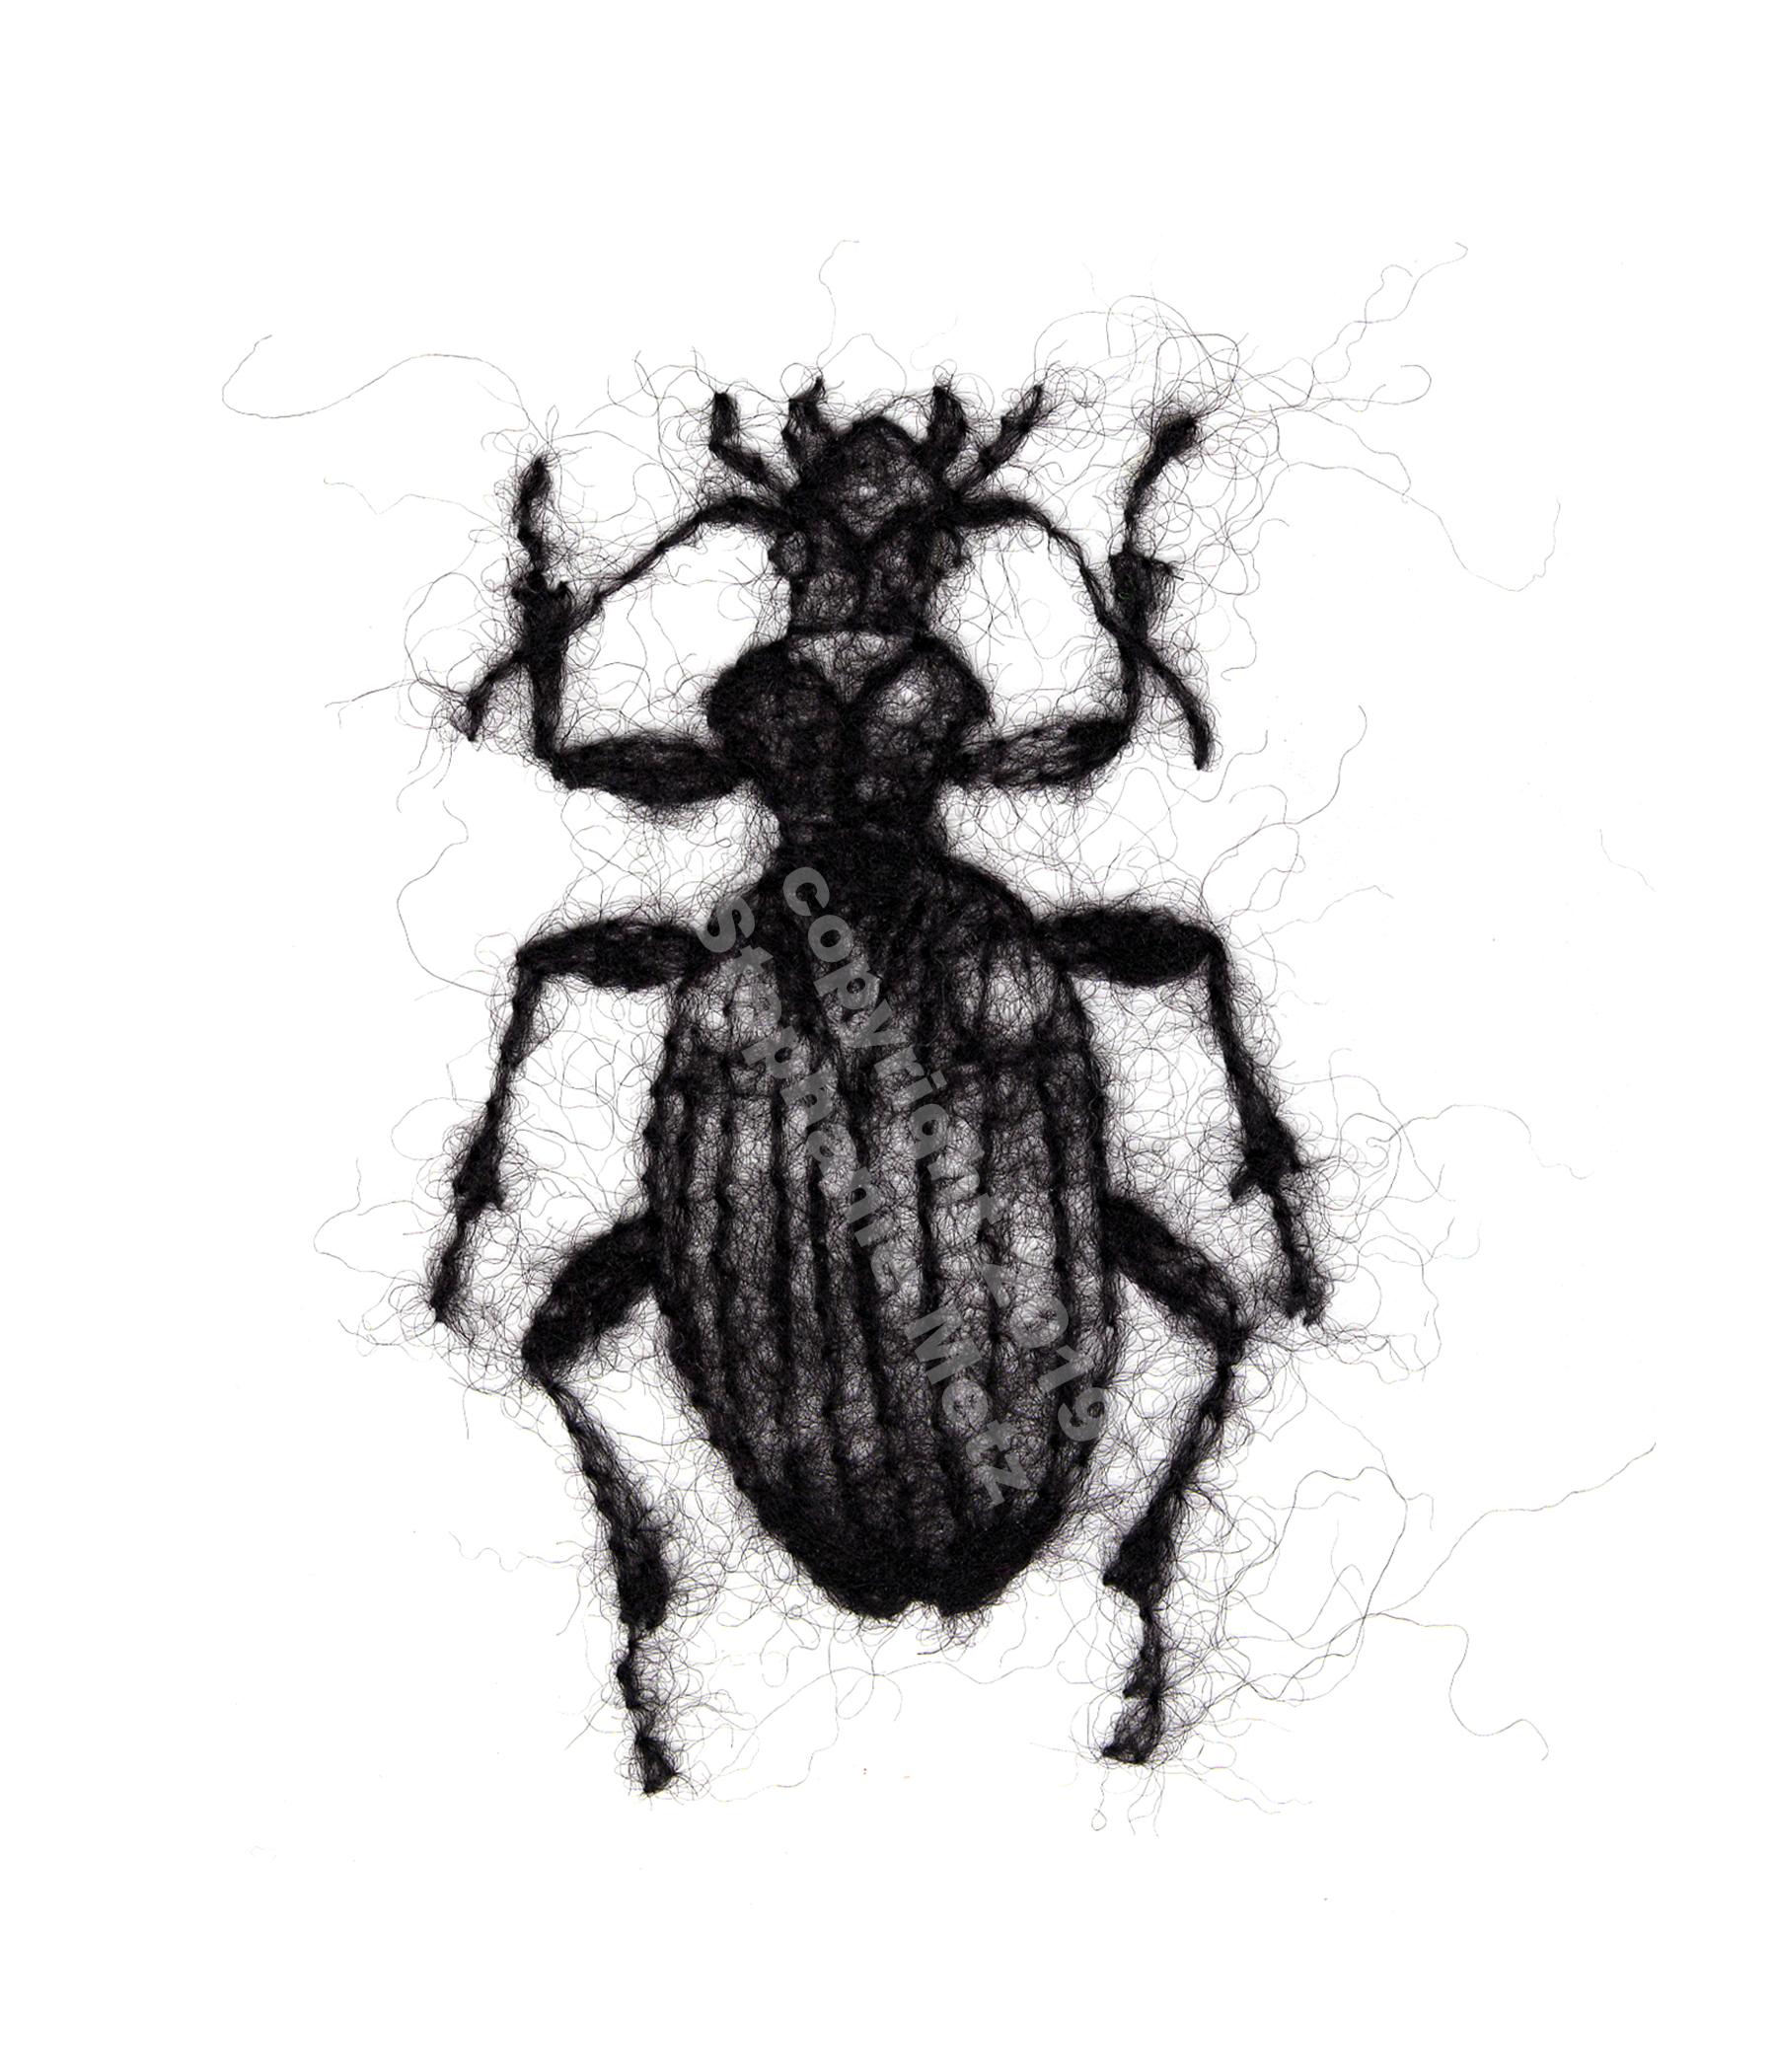 Beetle #7